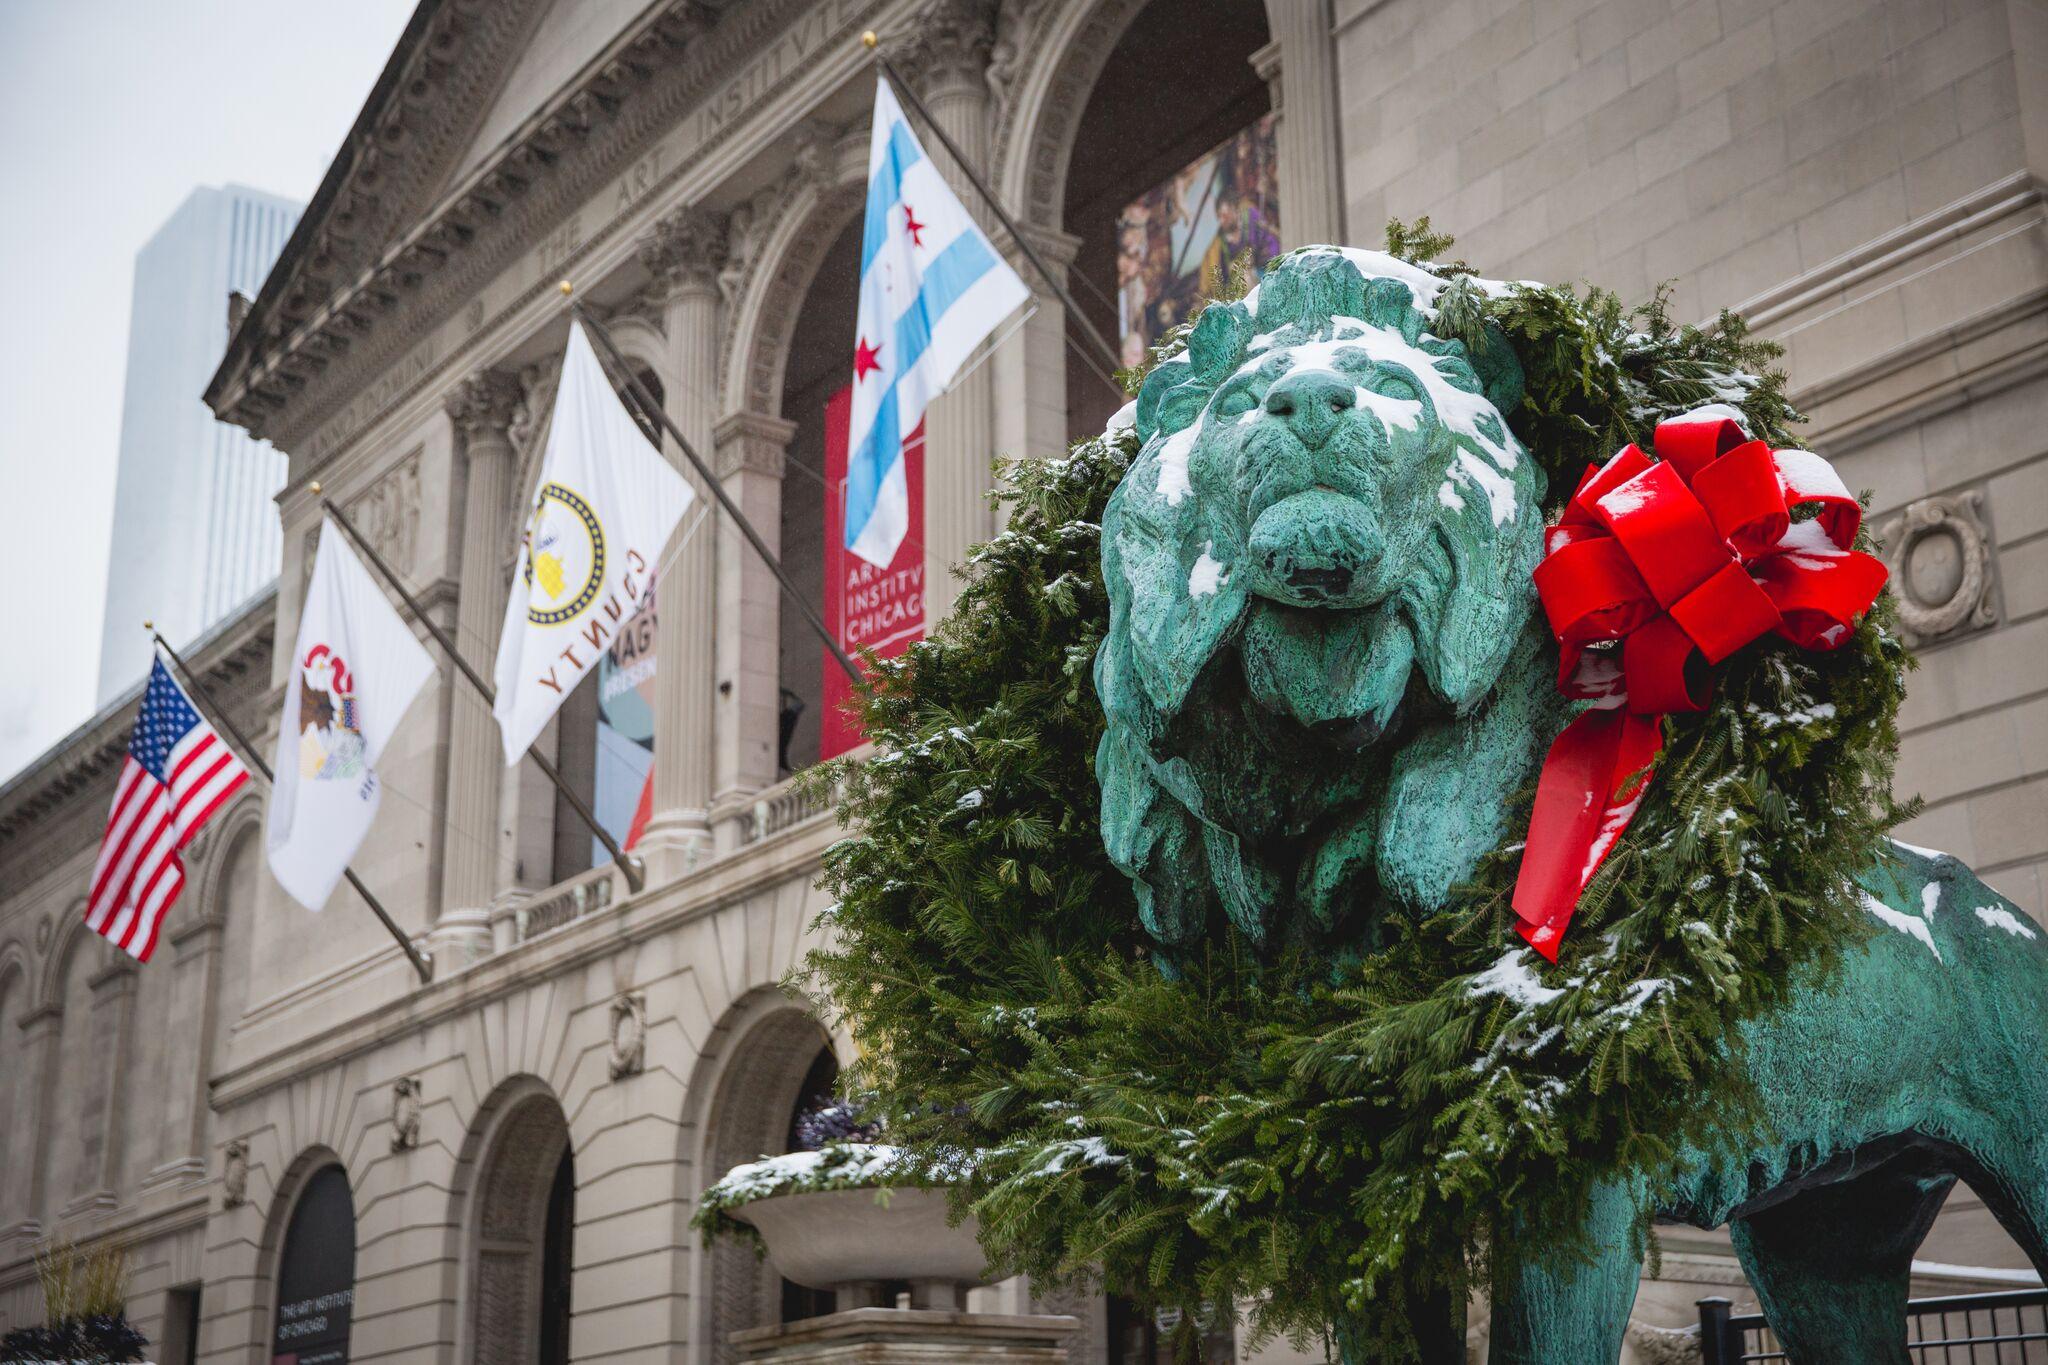 Chicago Art institute Statues